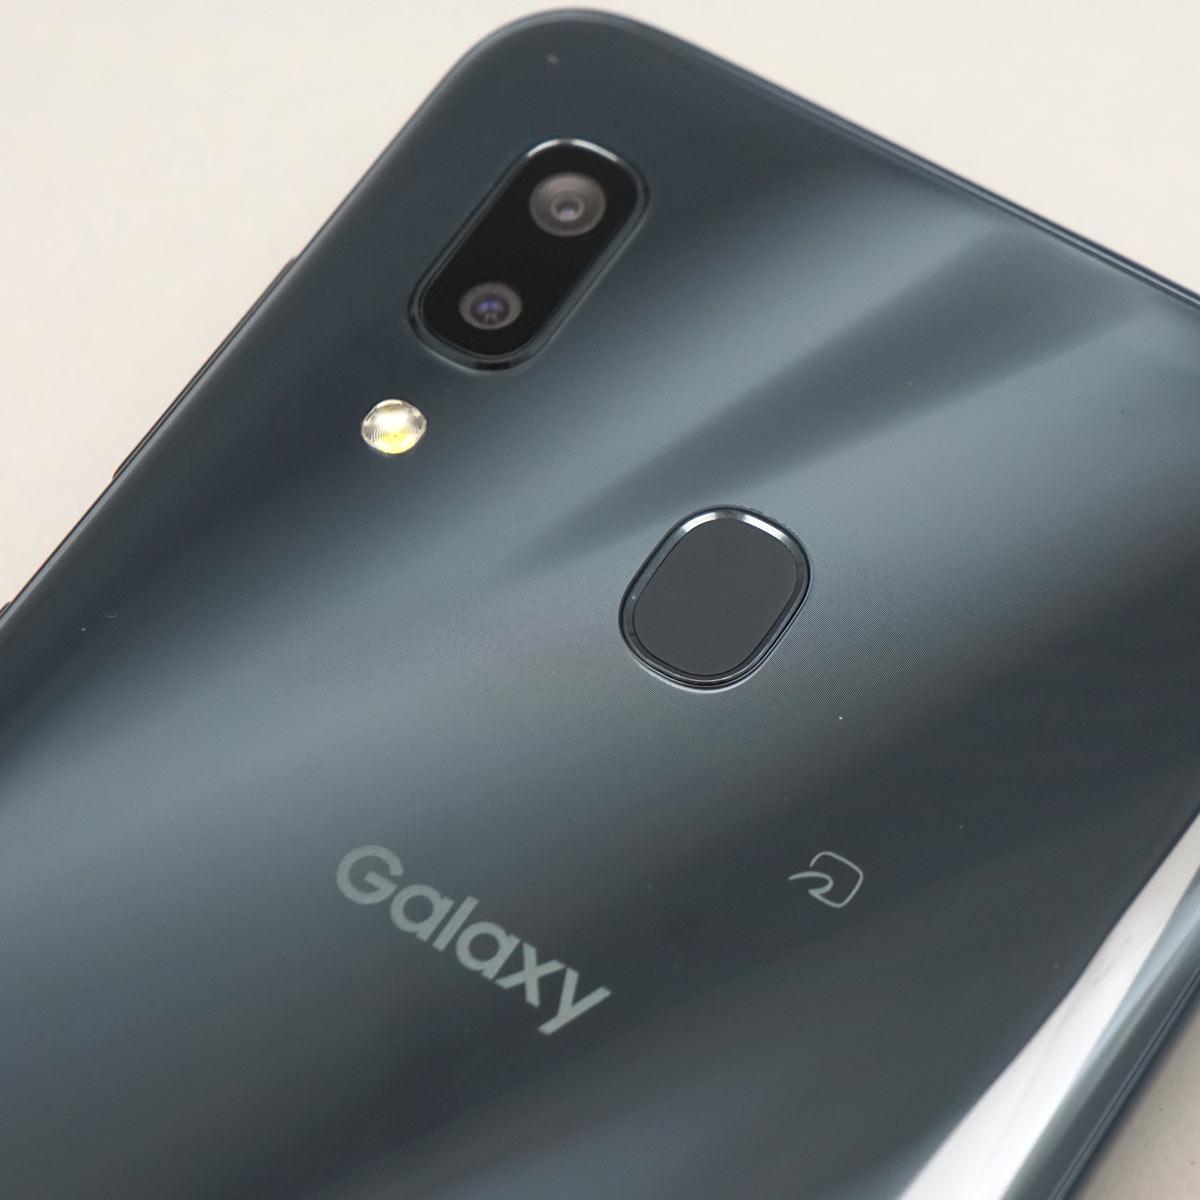 「Galaxy A30」レビュー。大画面&大容量バッテリー、防水、FeliCa付き高コスパ機